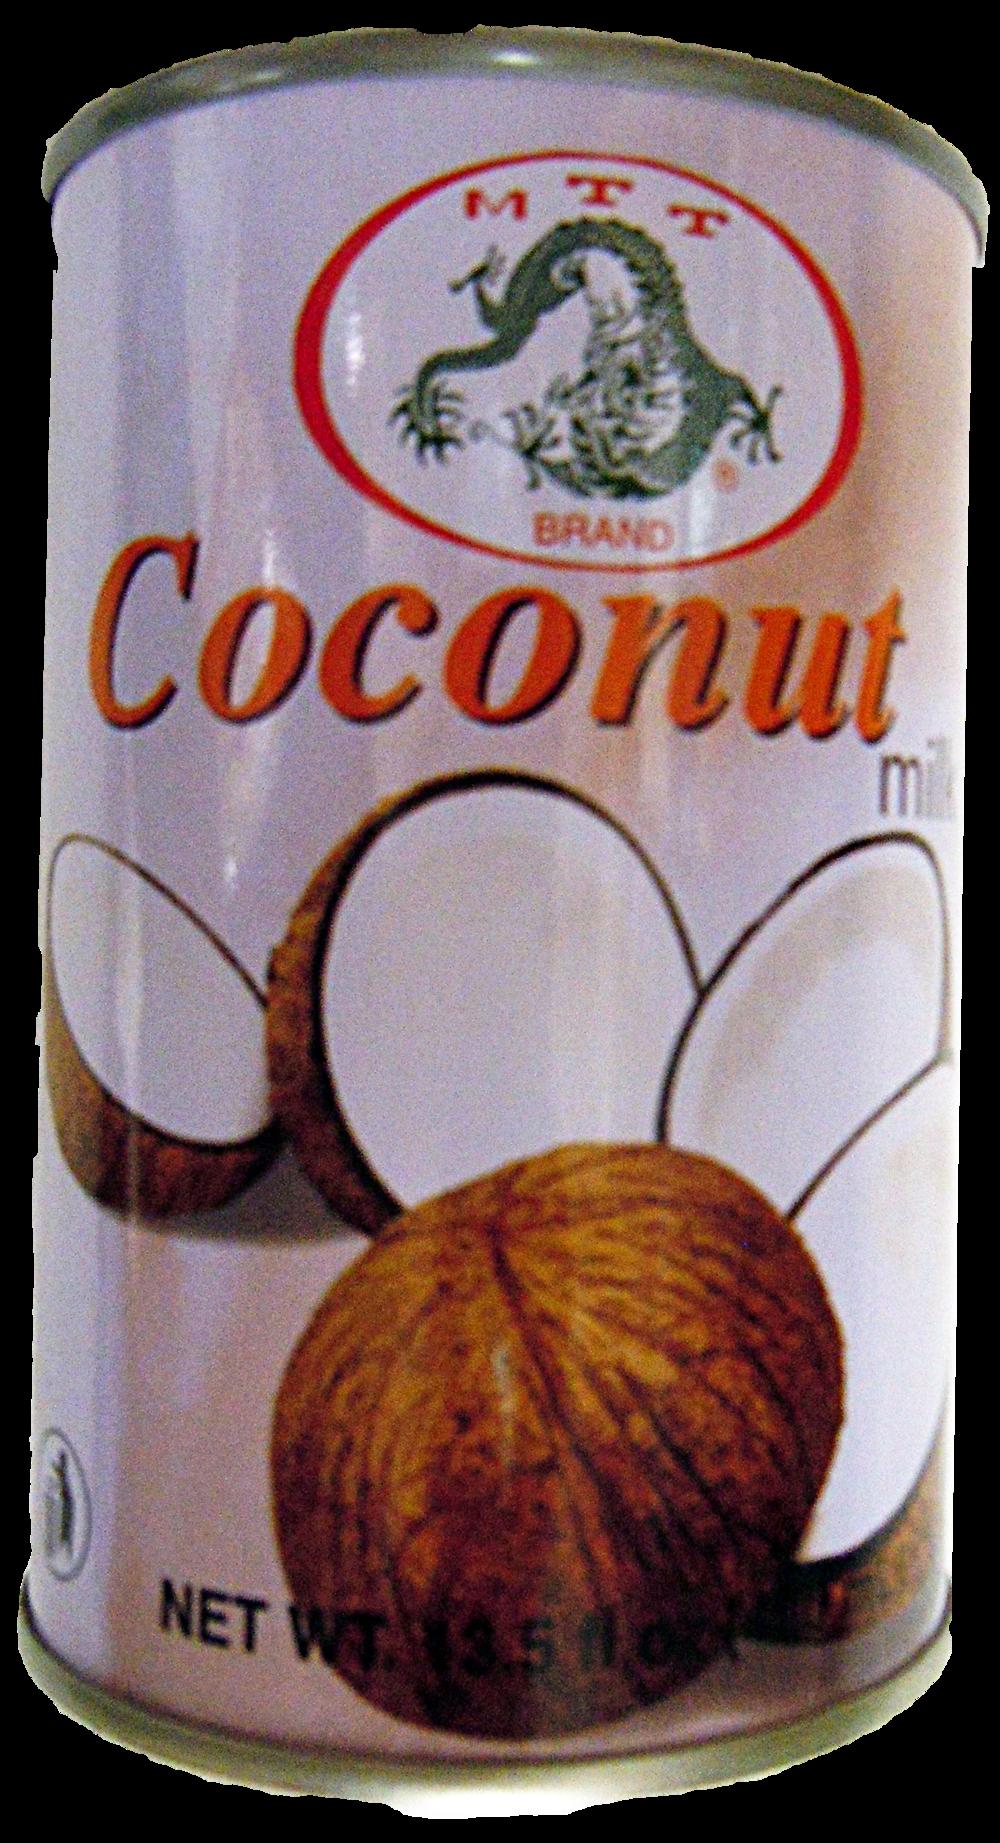 MTT Coconut Milk